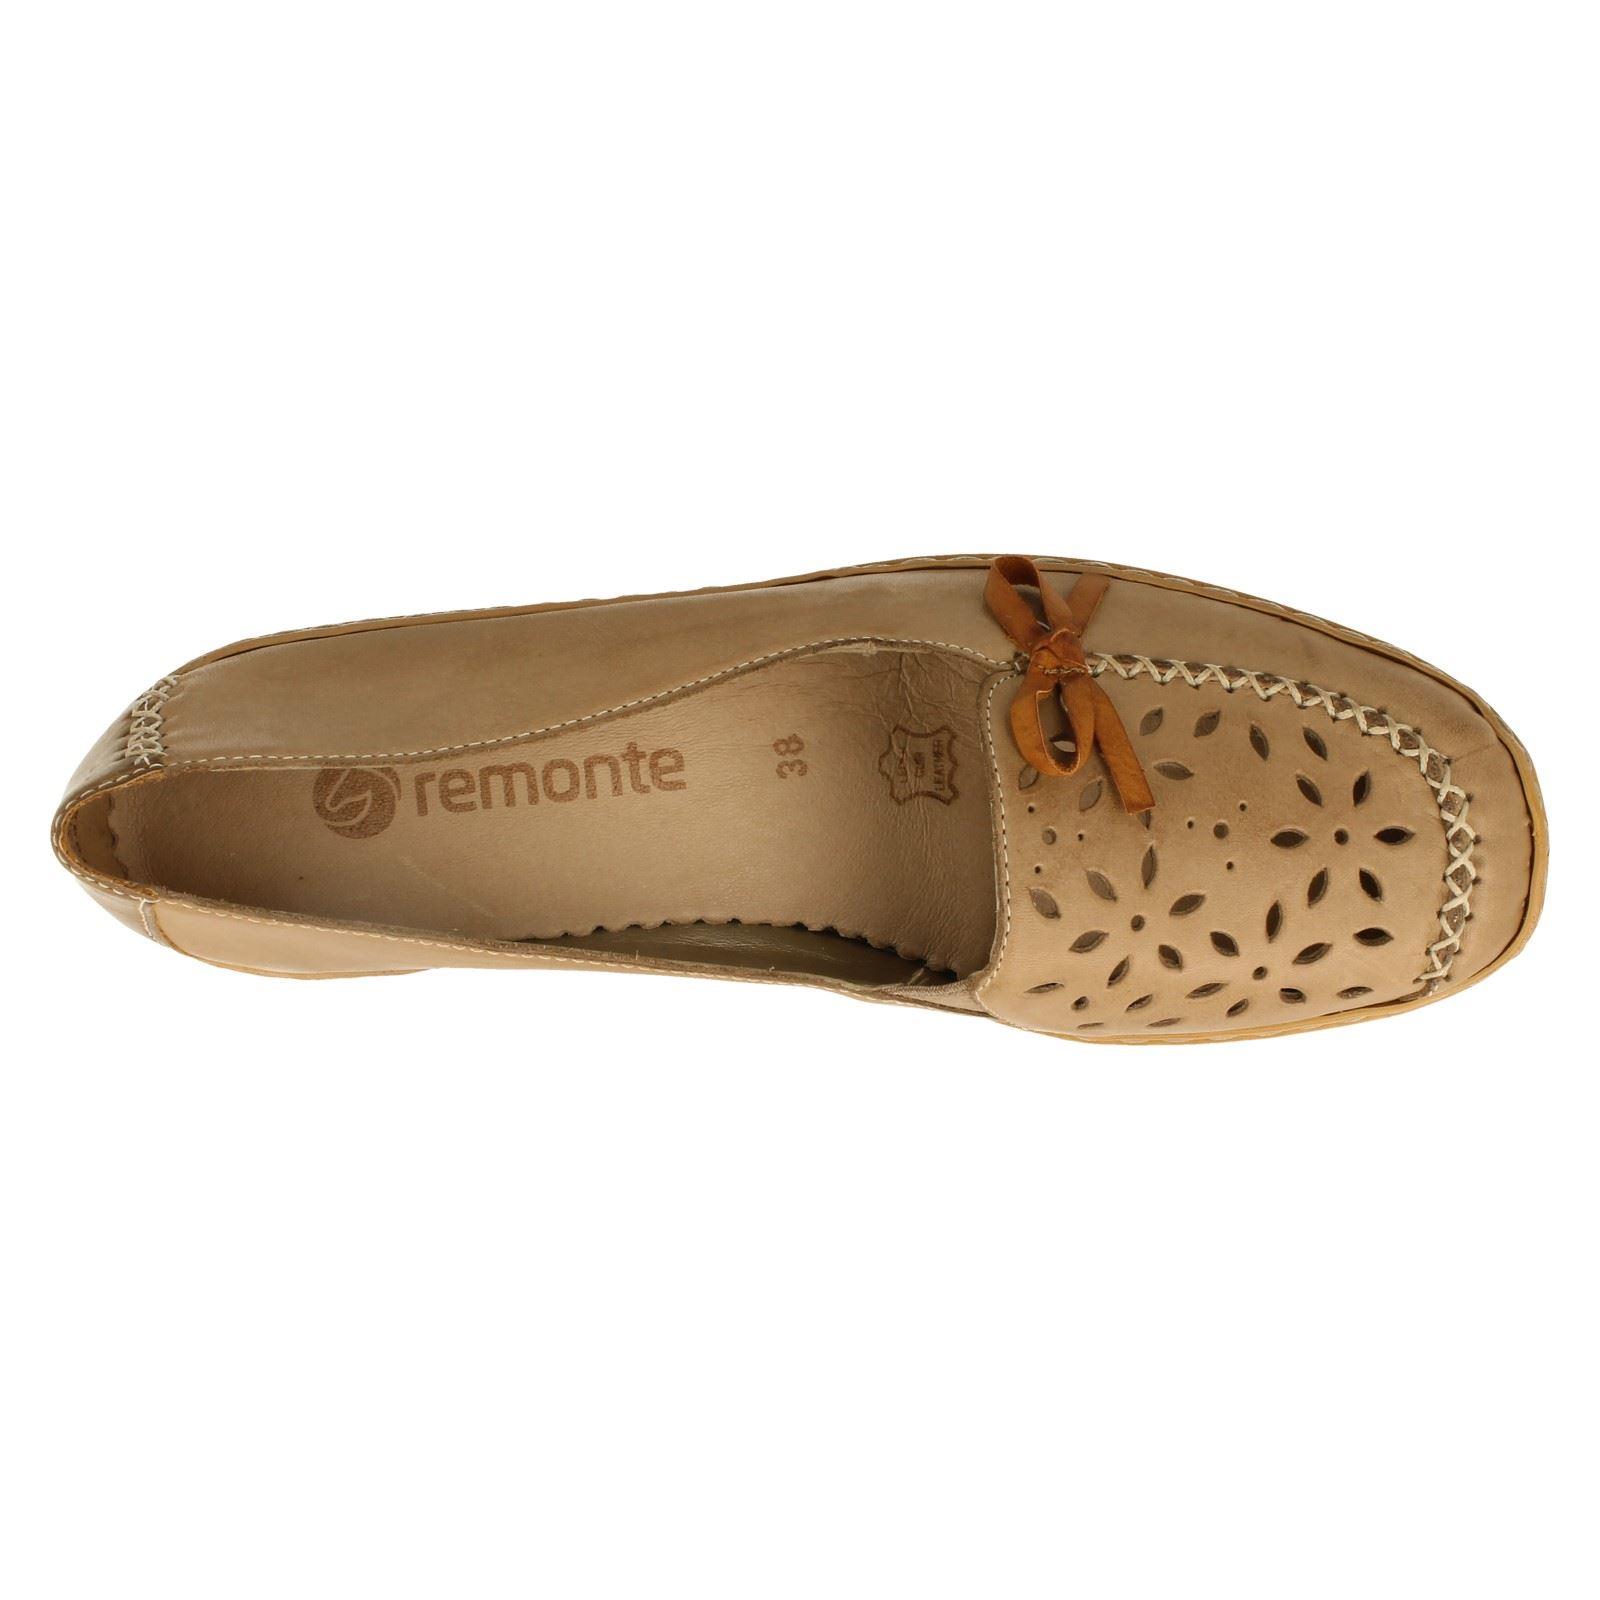 Donna e Remonte Scarpe d1632-w Scarpe economiche e Donna buone 06fec9